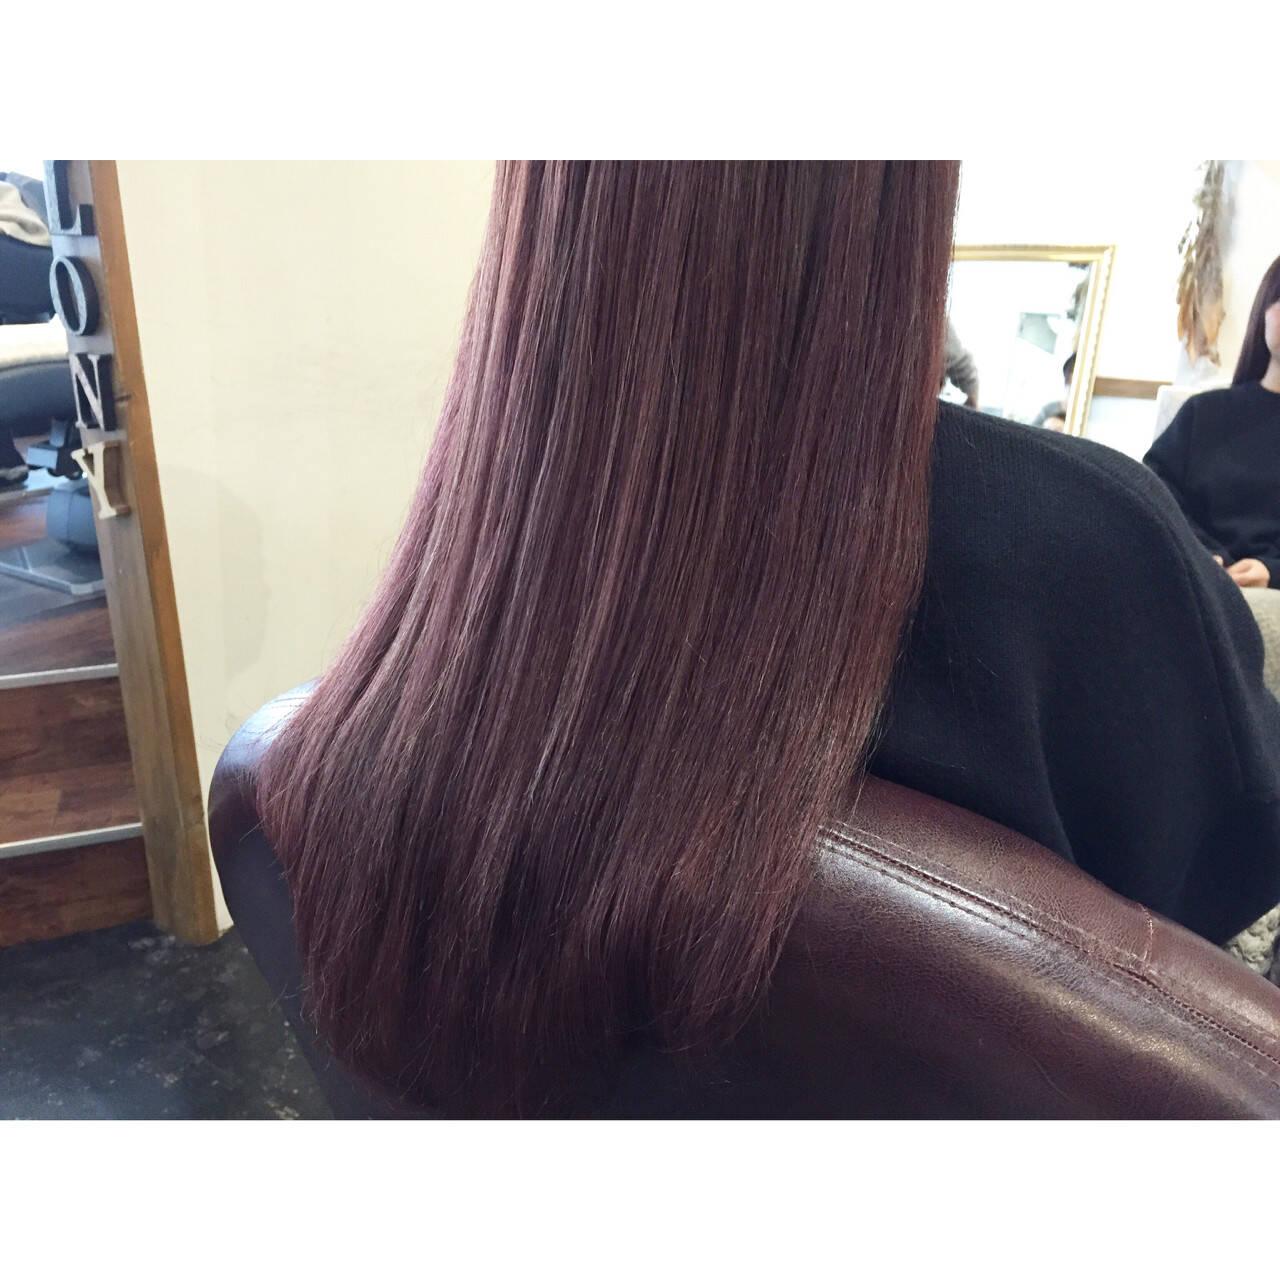 ストリート ラベンダーピンク ヌーディーベージュ ピンクヘアスタイルや髪型の写真・画像